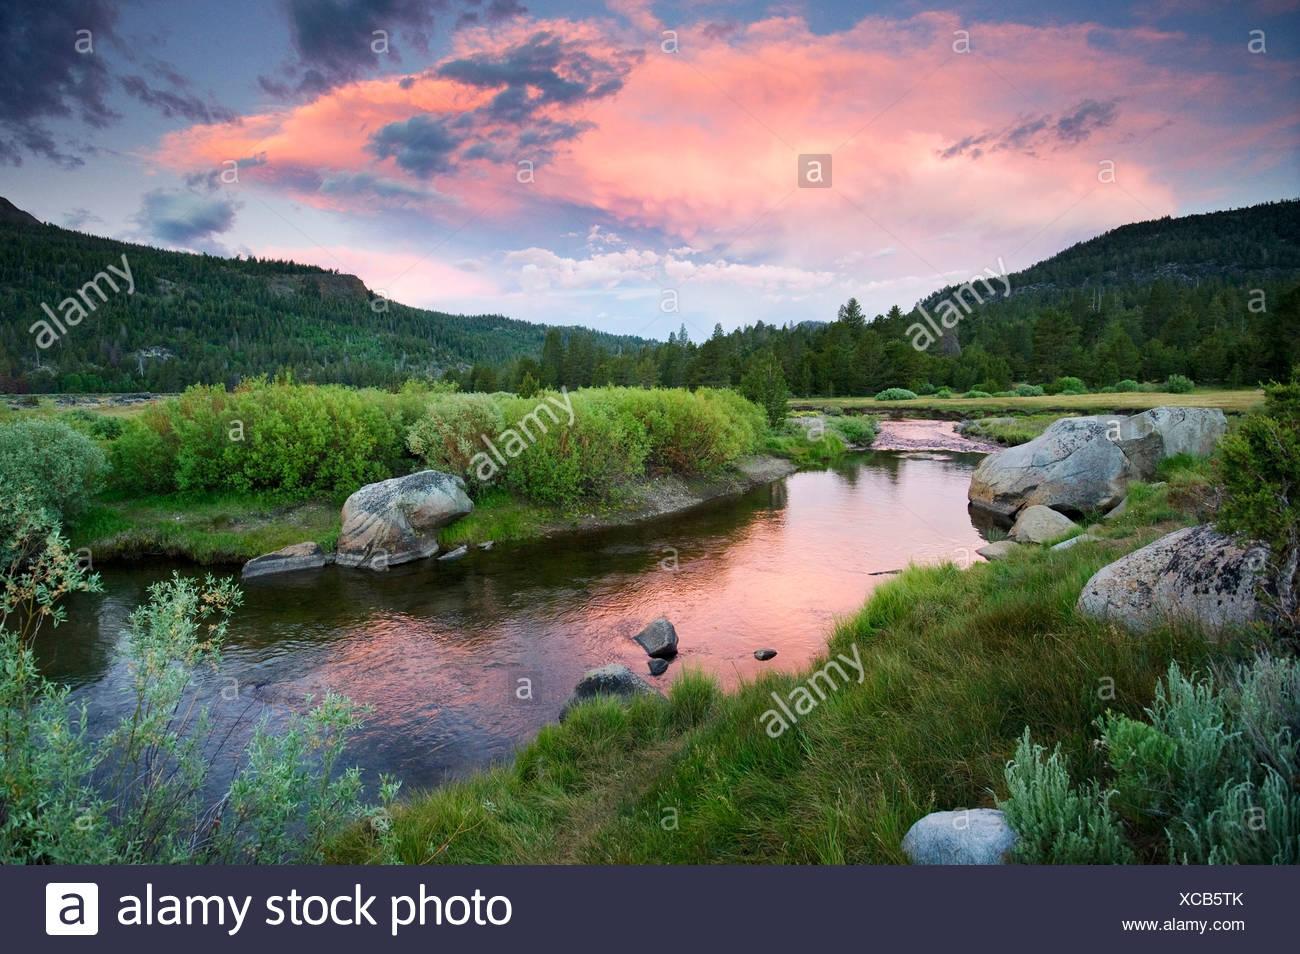 Einen wunderschönen Sonnenuntergang über der West Fork des Carson River in Hope Valley in der Nähe von South Lake Tahoe, CA. Stockbild